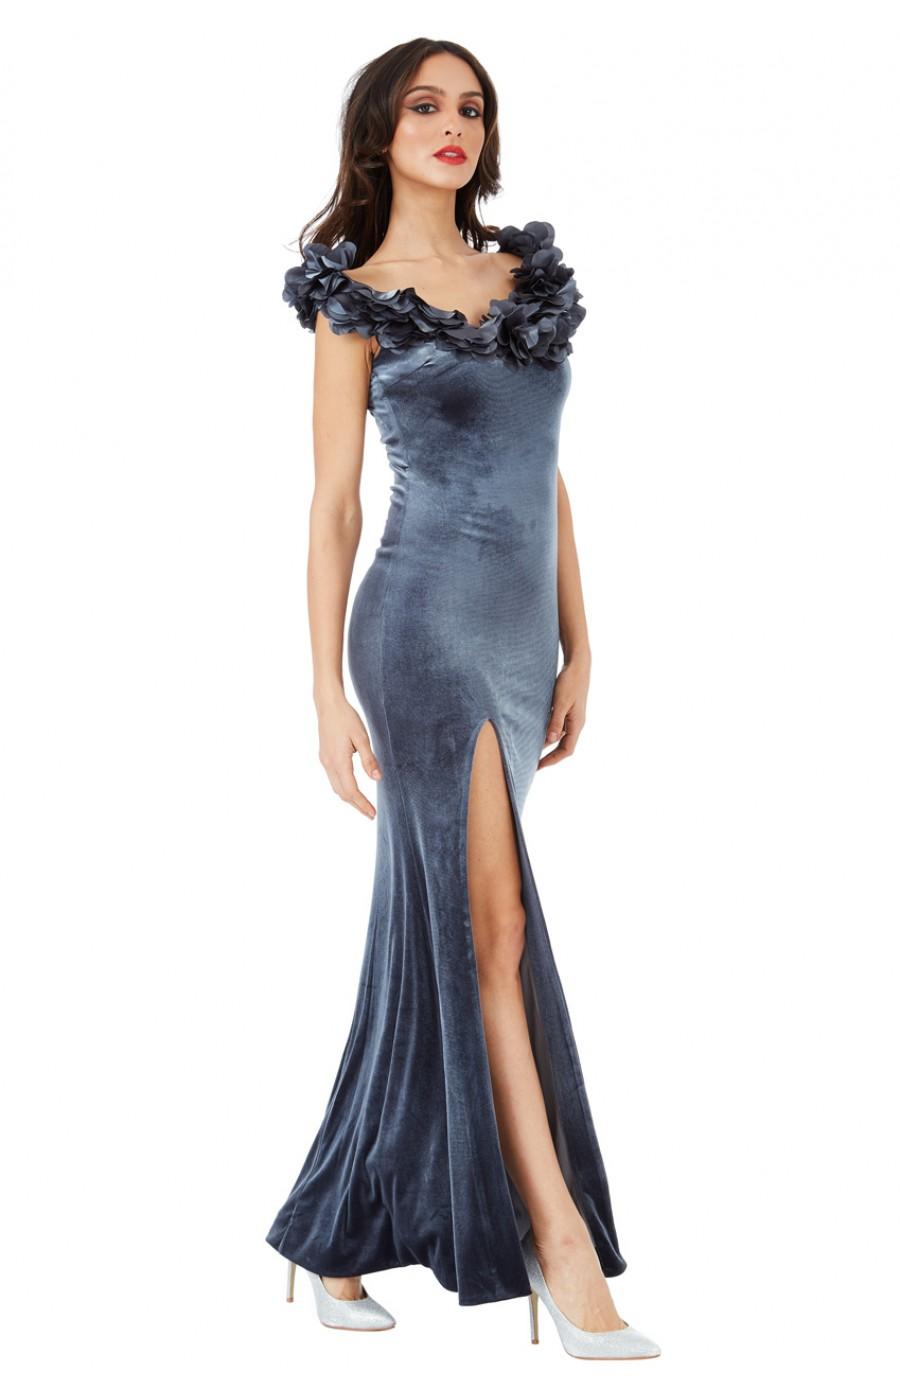 Βελούδινο μακρύ γκρι φόρεμα